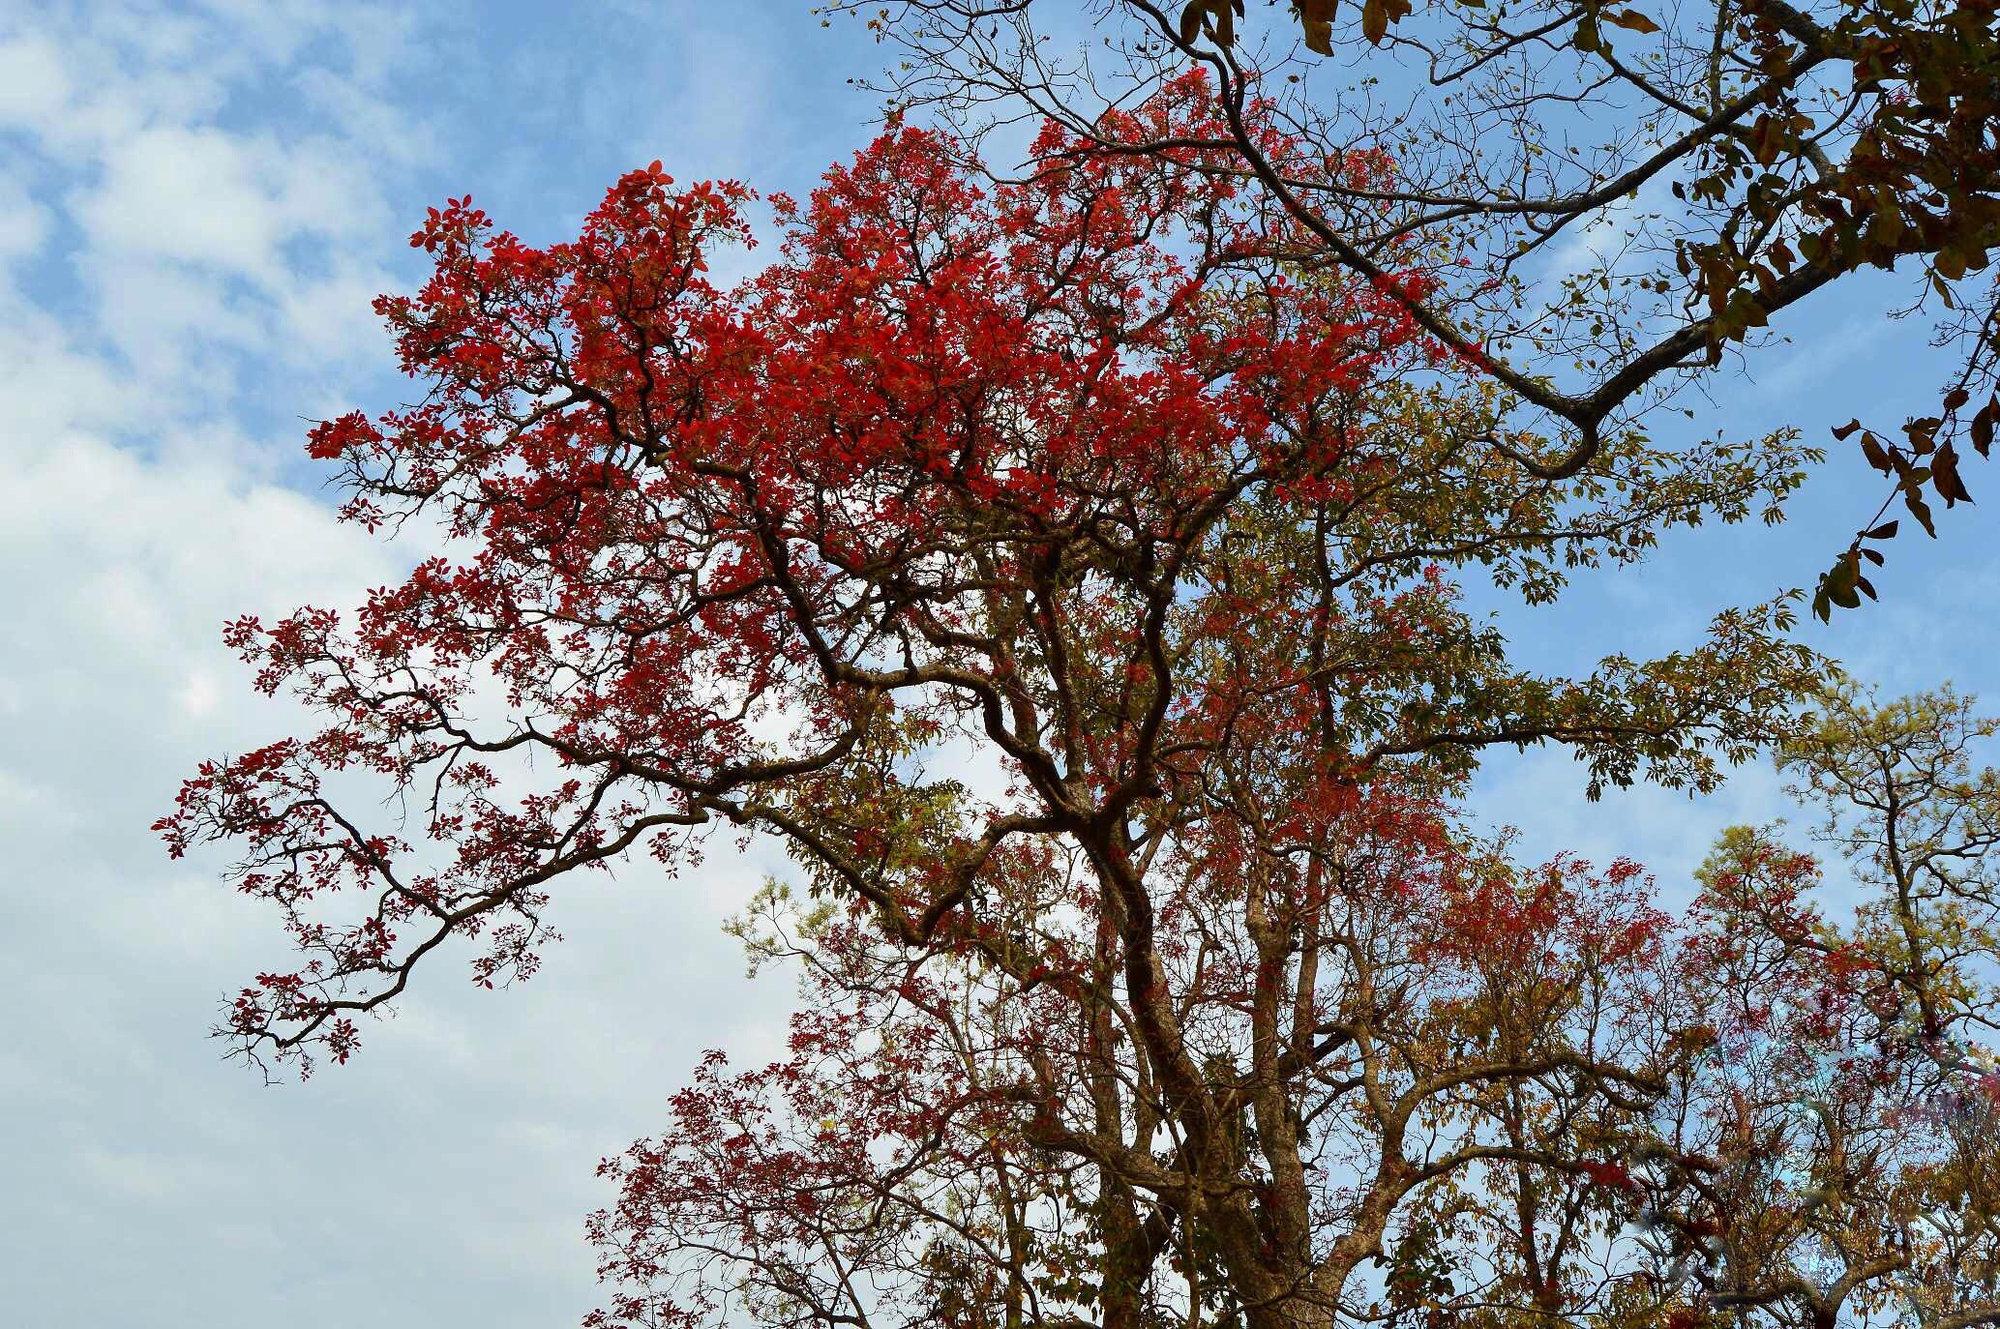 цветущие деревья в национальном парке